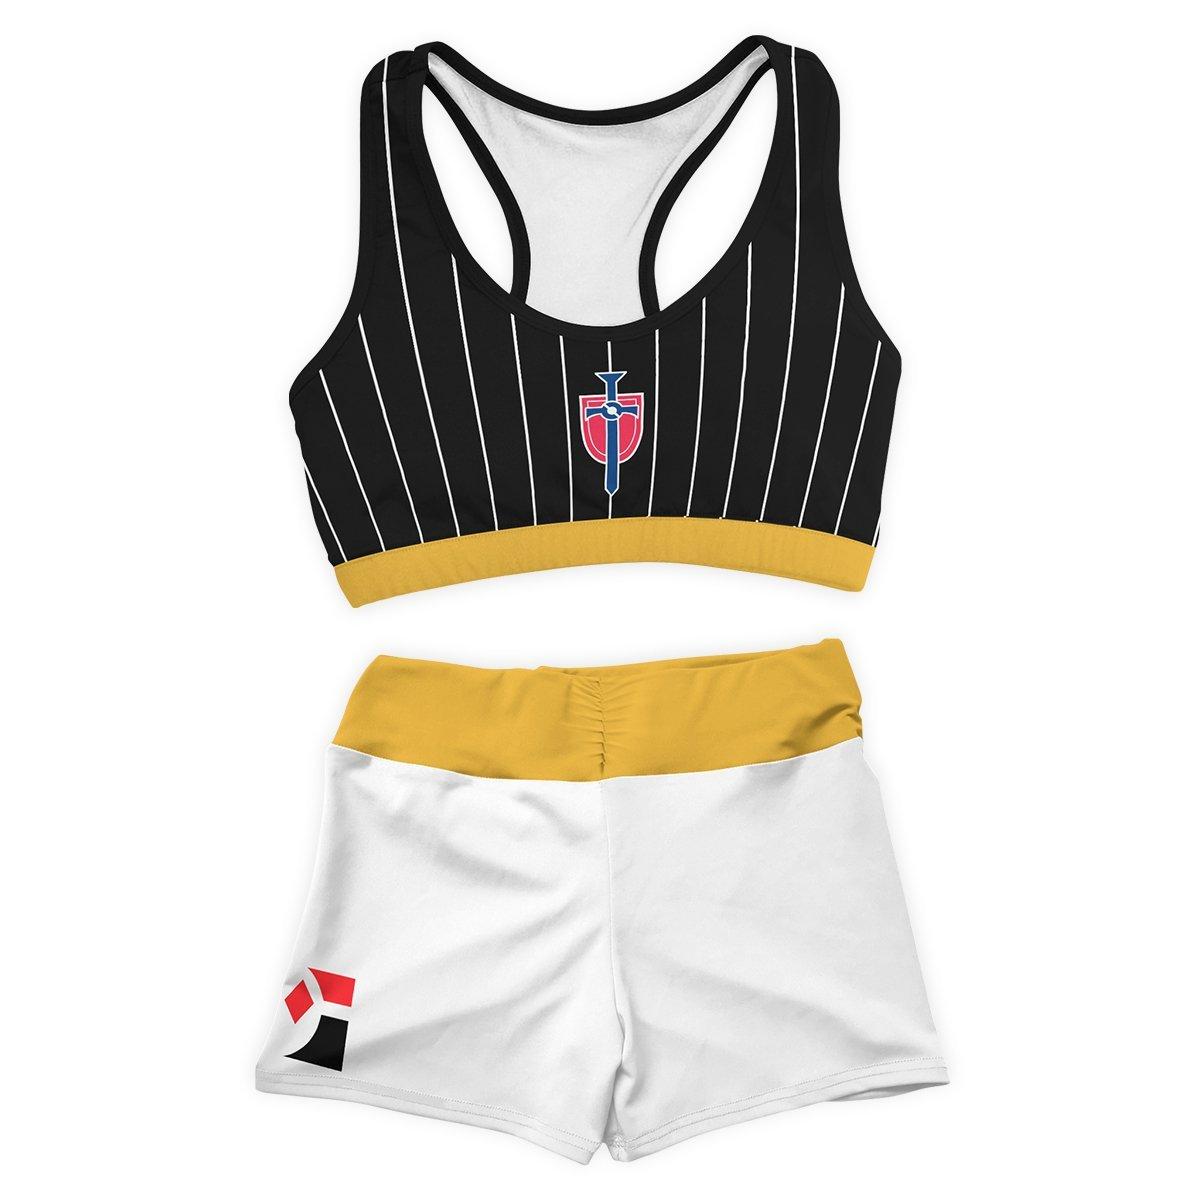 Pokemon Champion Uniform Active Wear Set FDM3107 Entire Set Official Anime Swimsuit Merch